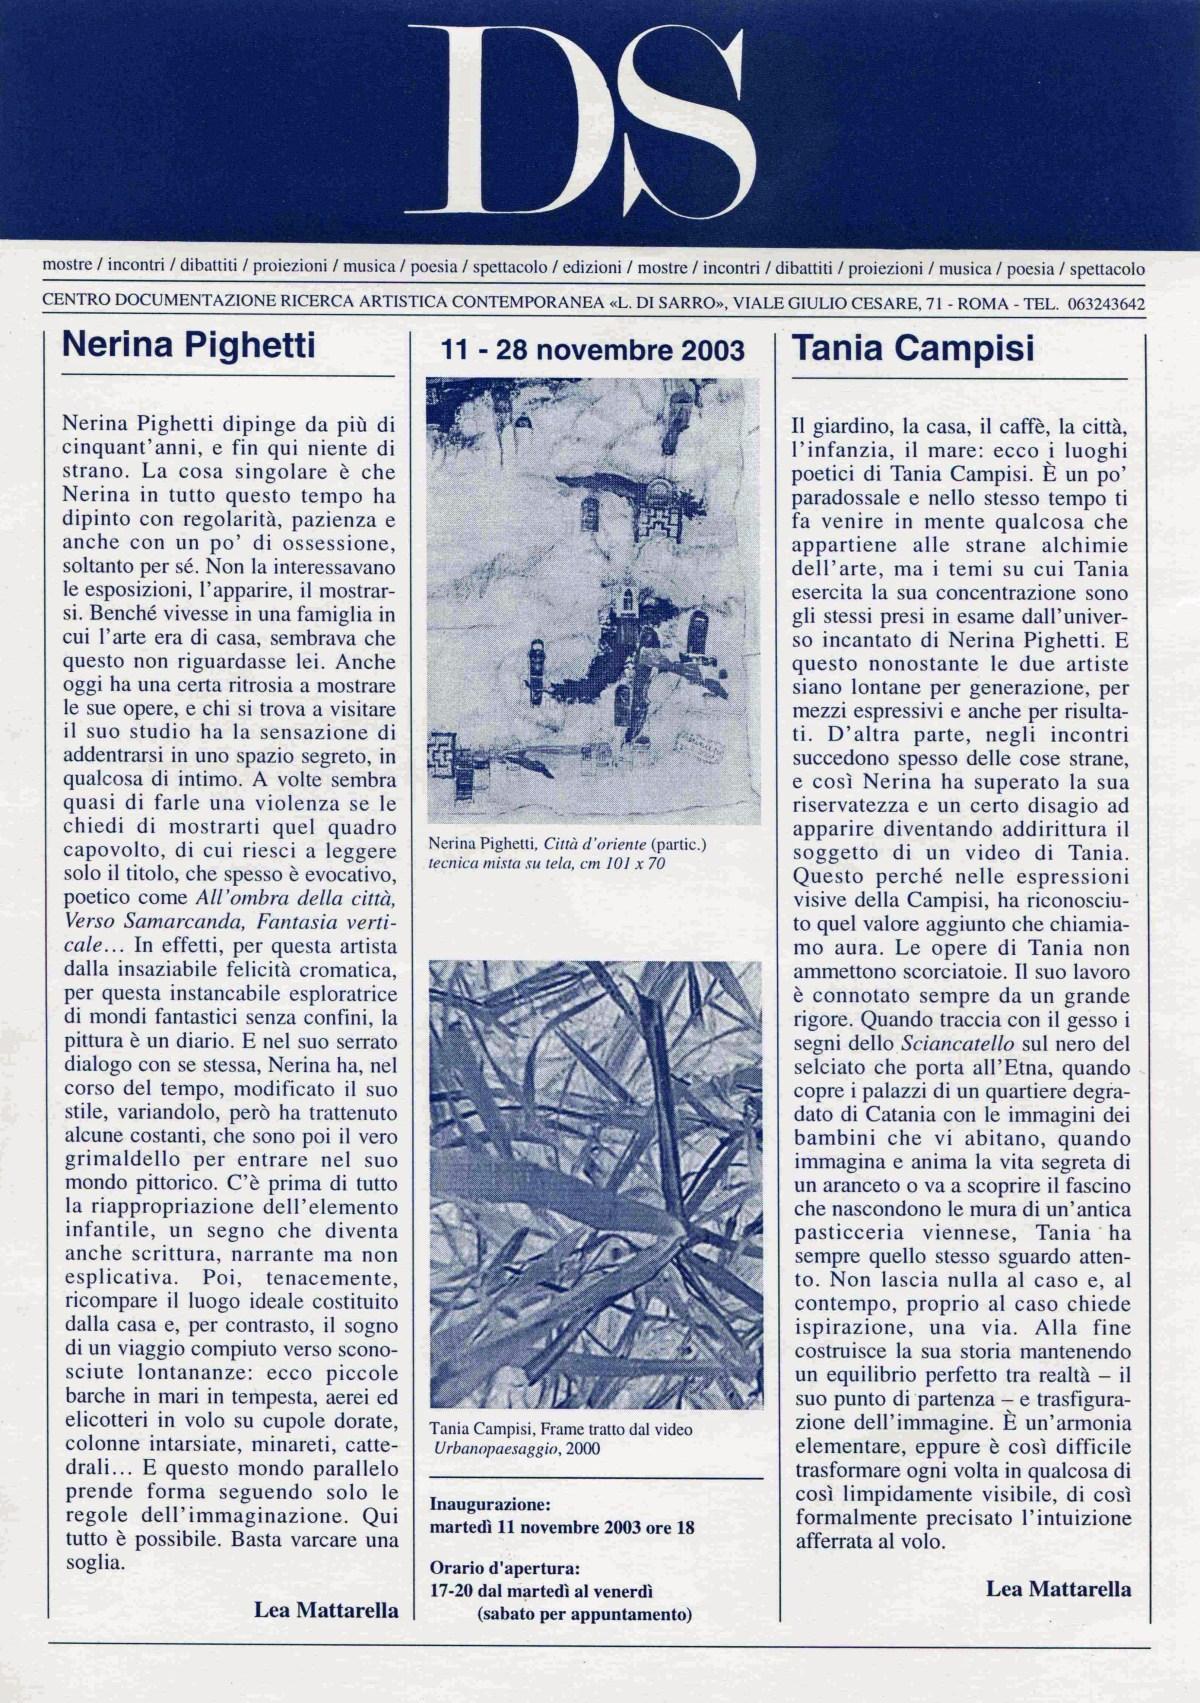 Nerina Pighetti, Tiziana Campisi  11 - 28 novembre 2003